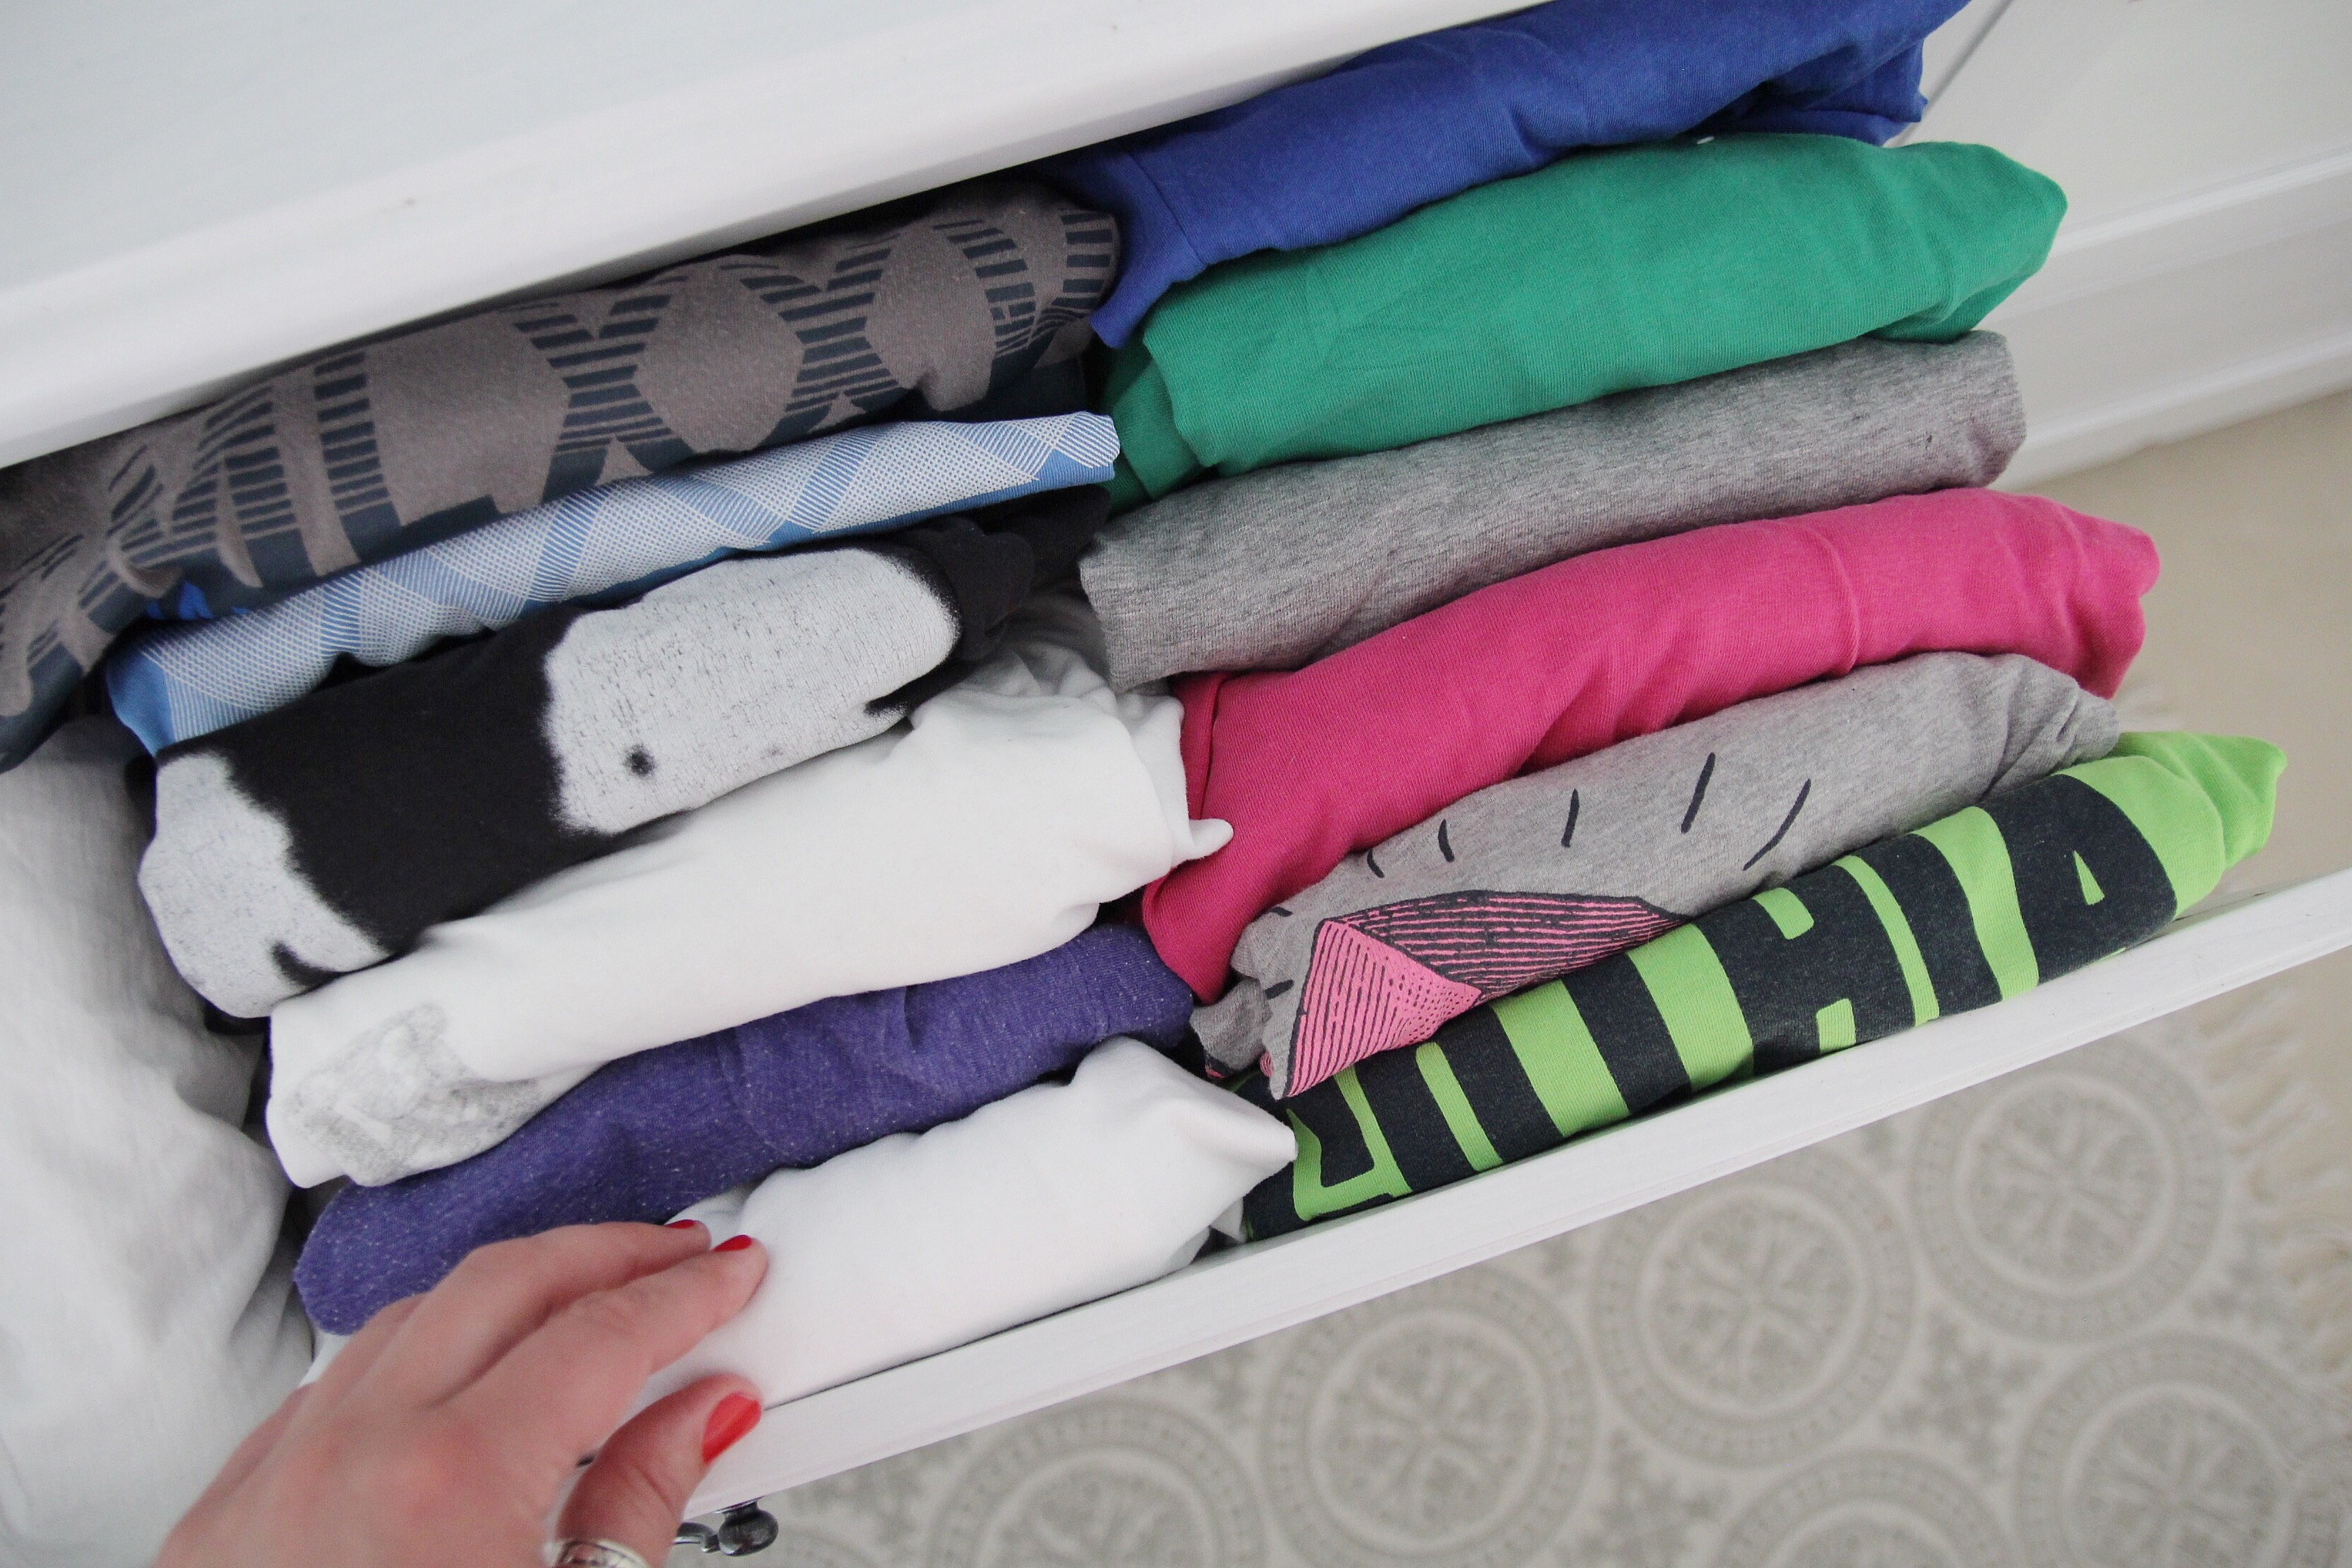 Ordnung Im Kleiderschrank T Shirts ordnung im kleiderschrank: 5 tipps für mehr ordnung - design dots